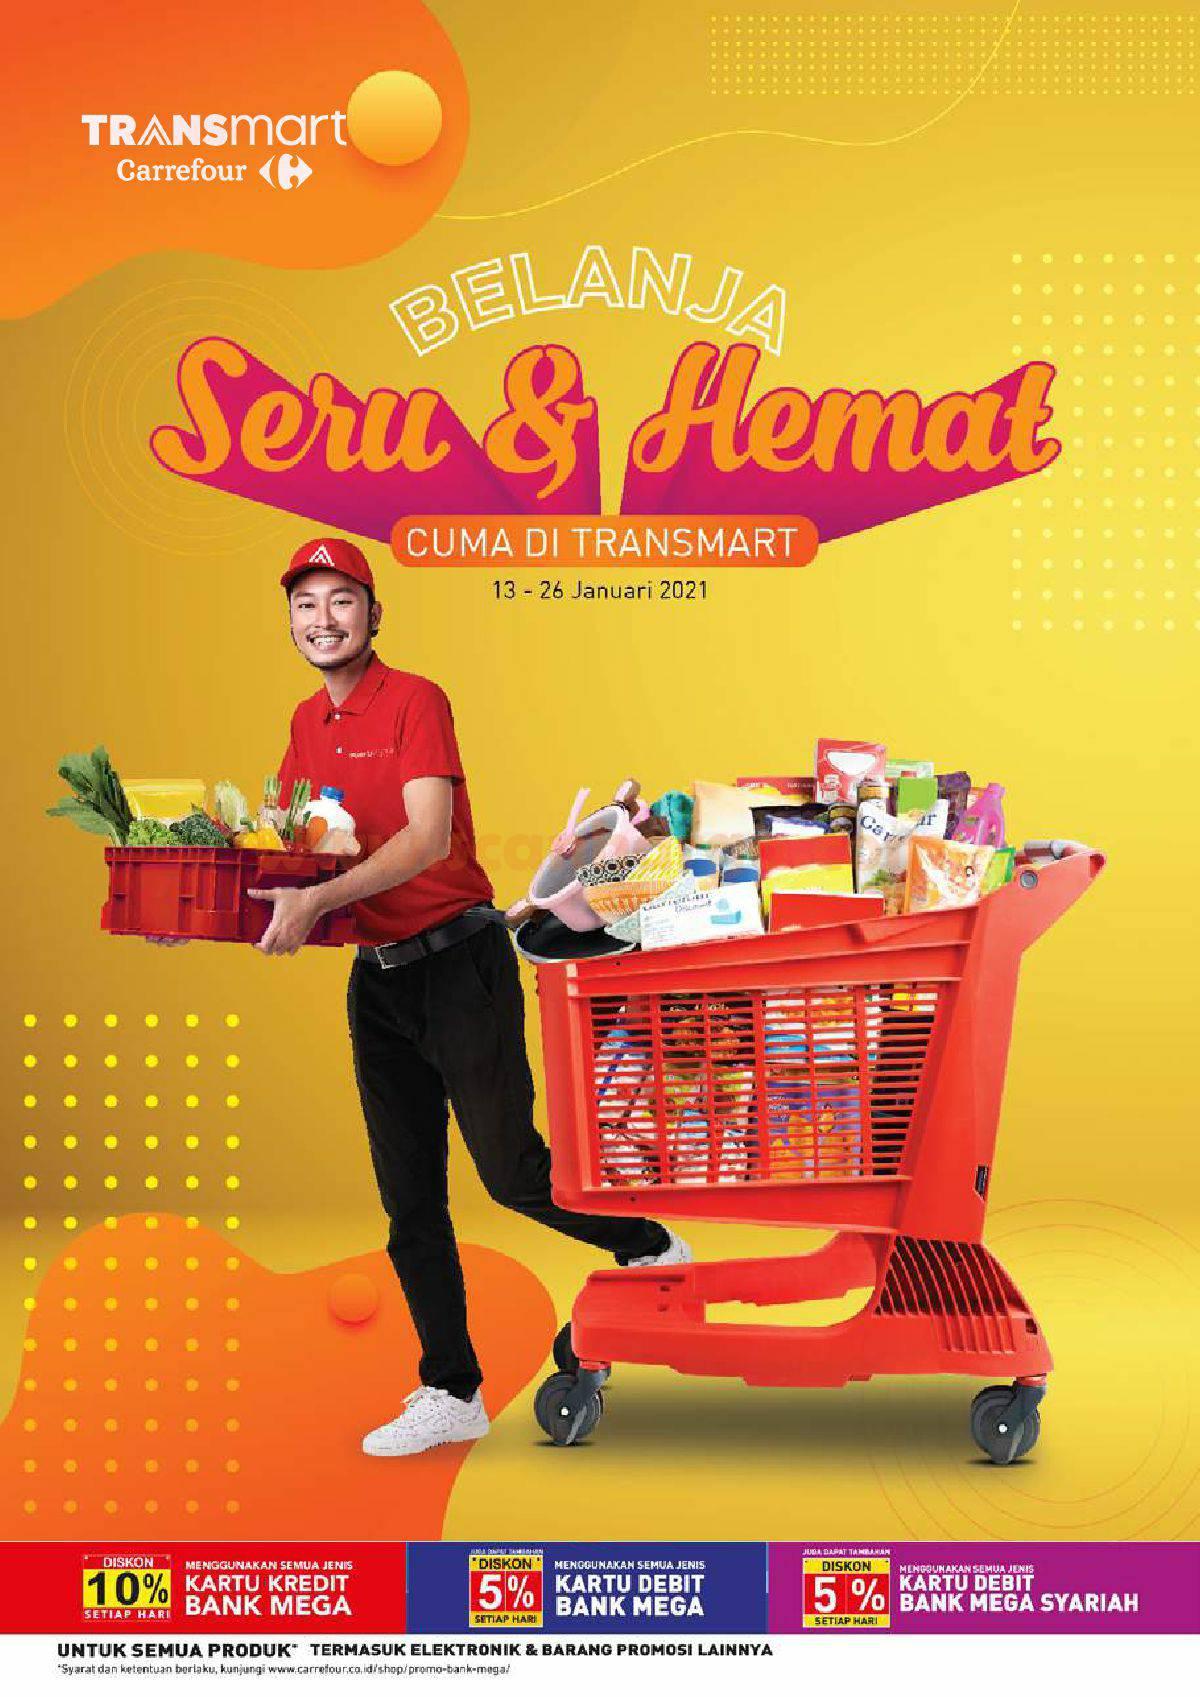 Katalog Promo Carrefour Transmart 13 - 26 Januari 2021 1